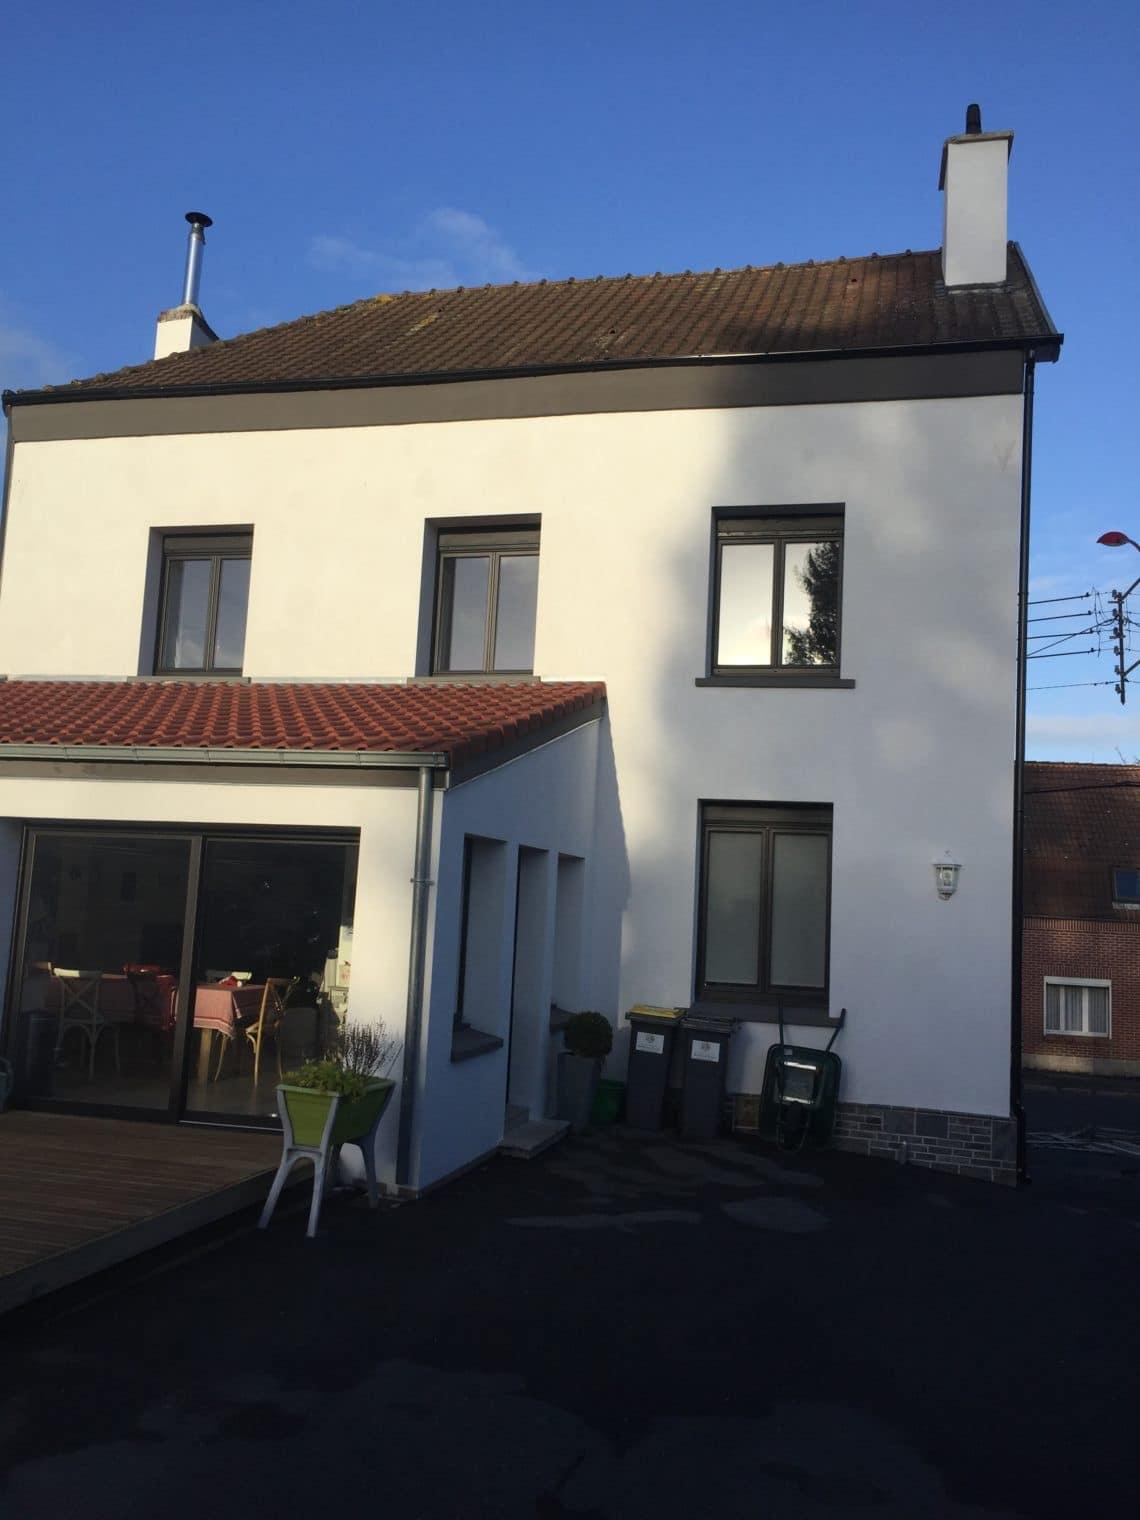 Urbel_renovation_facade_Bethune-1-e1558960411661-1140x1520.jpg